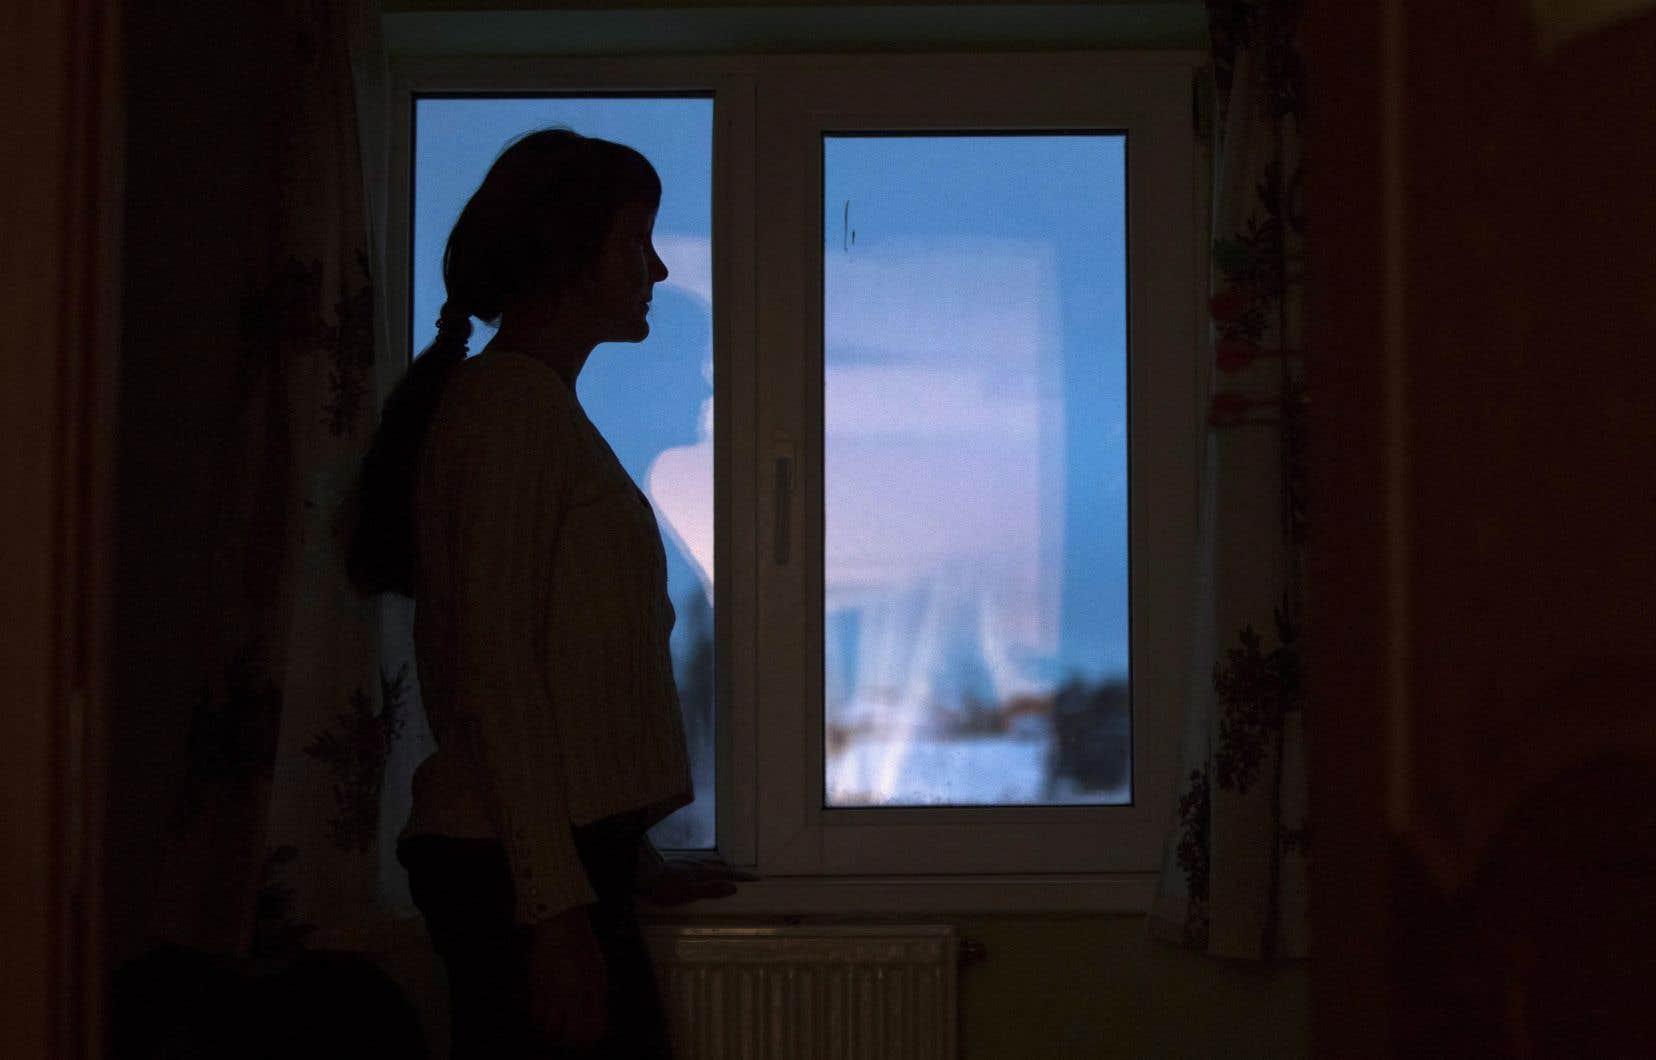 Le nombre de plaintes pour violence conjugale a diminué et, pourtant, les maisons d'hébergement reçoivent plus d'appels qu'en temps normal.